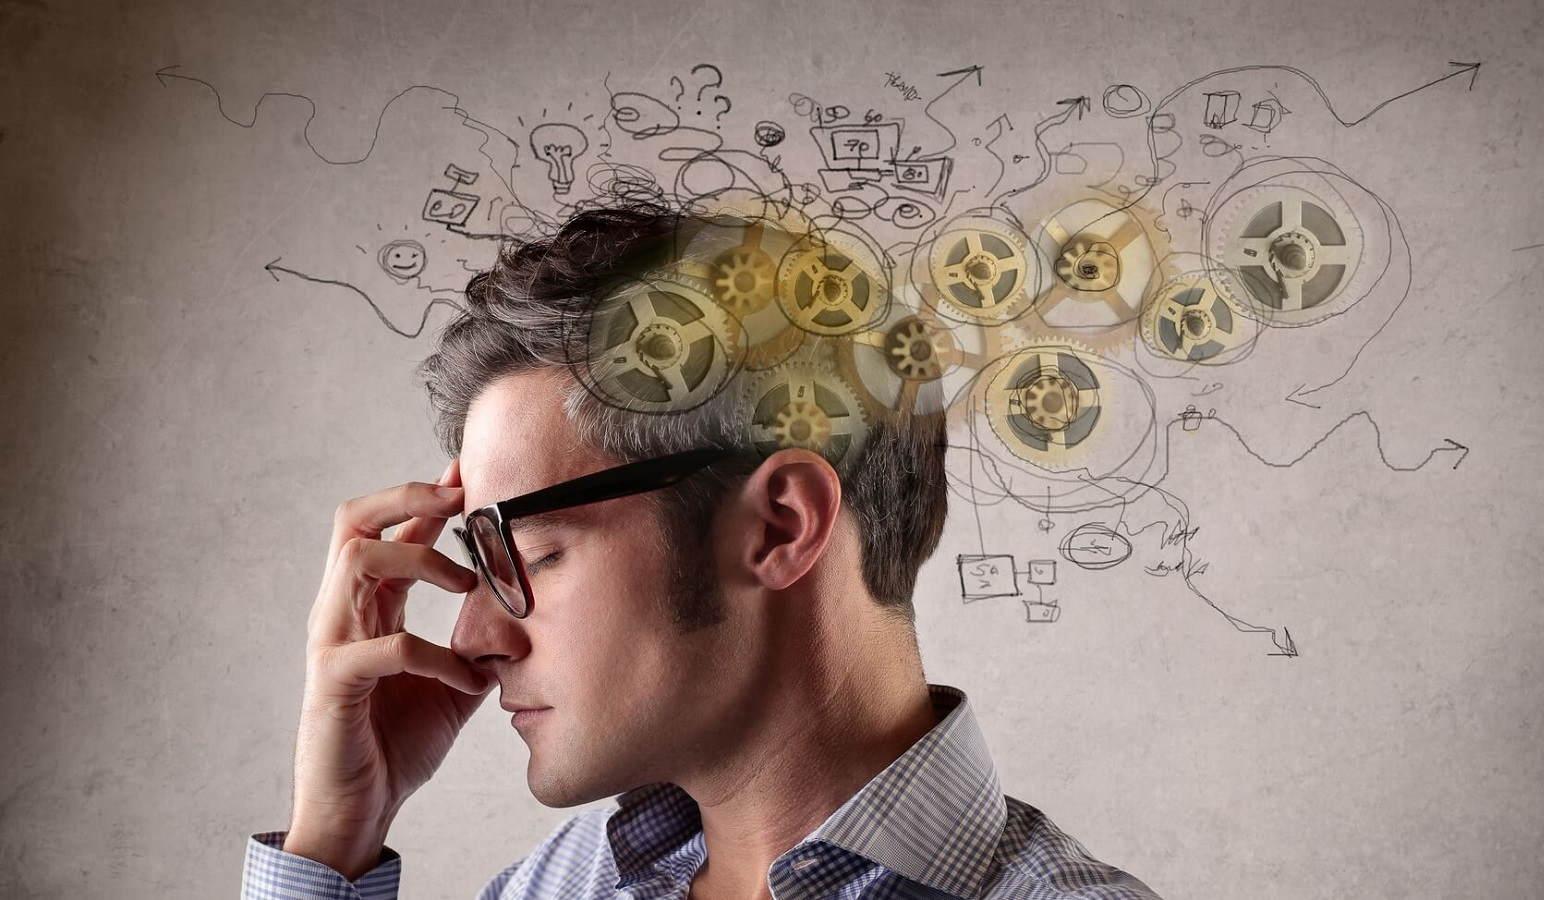 آسیب شناسی روانی و نظام های طبقه بندی اختلال های روانی — از صفر تا صد